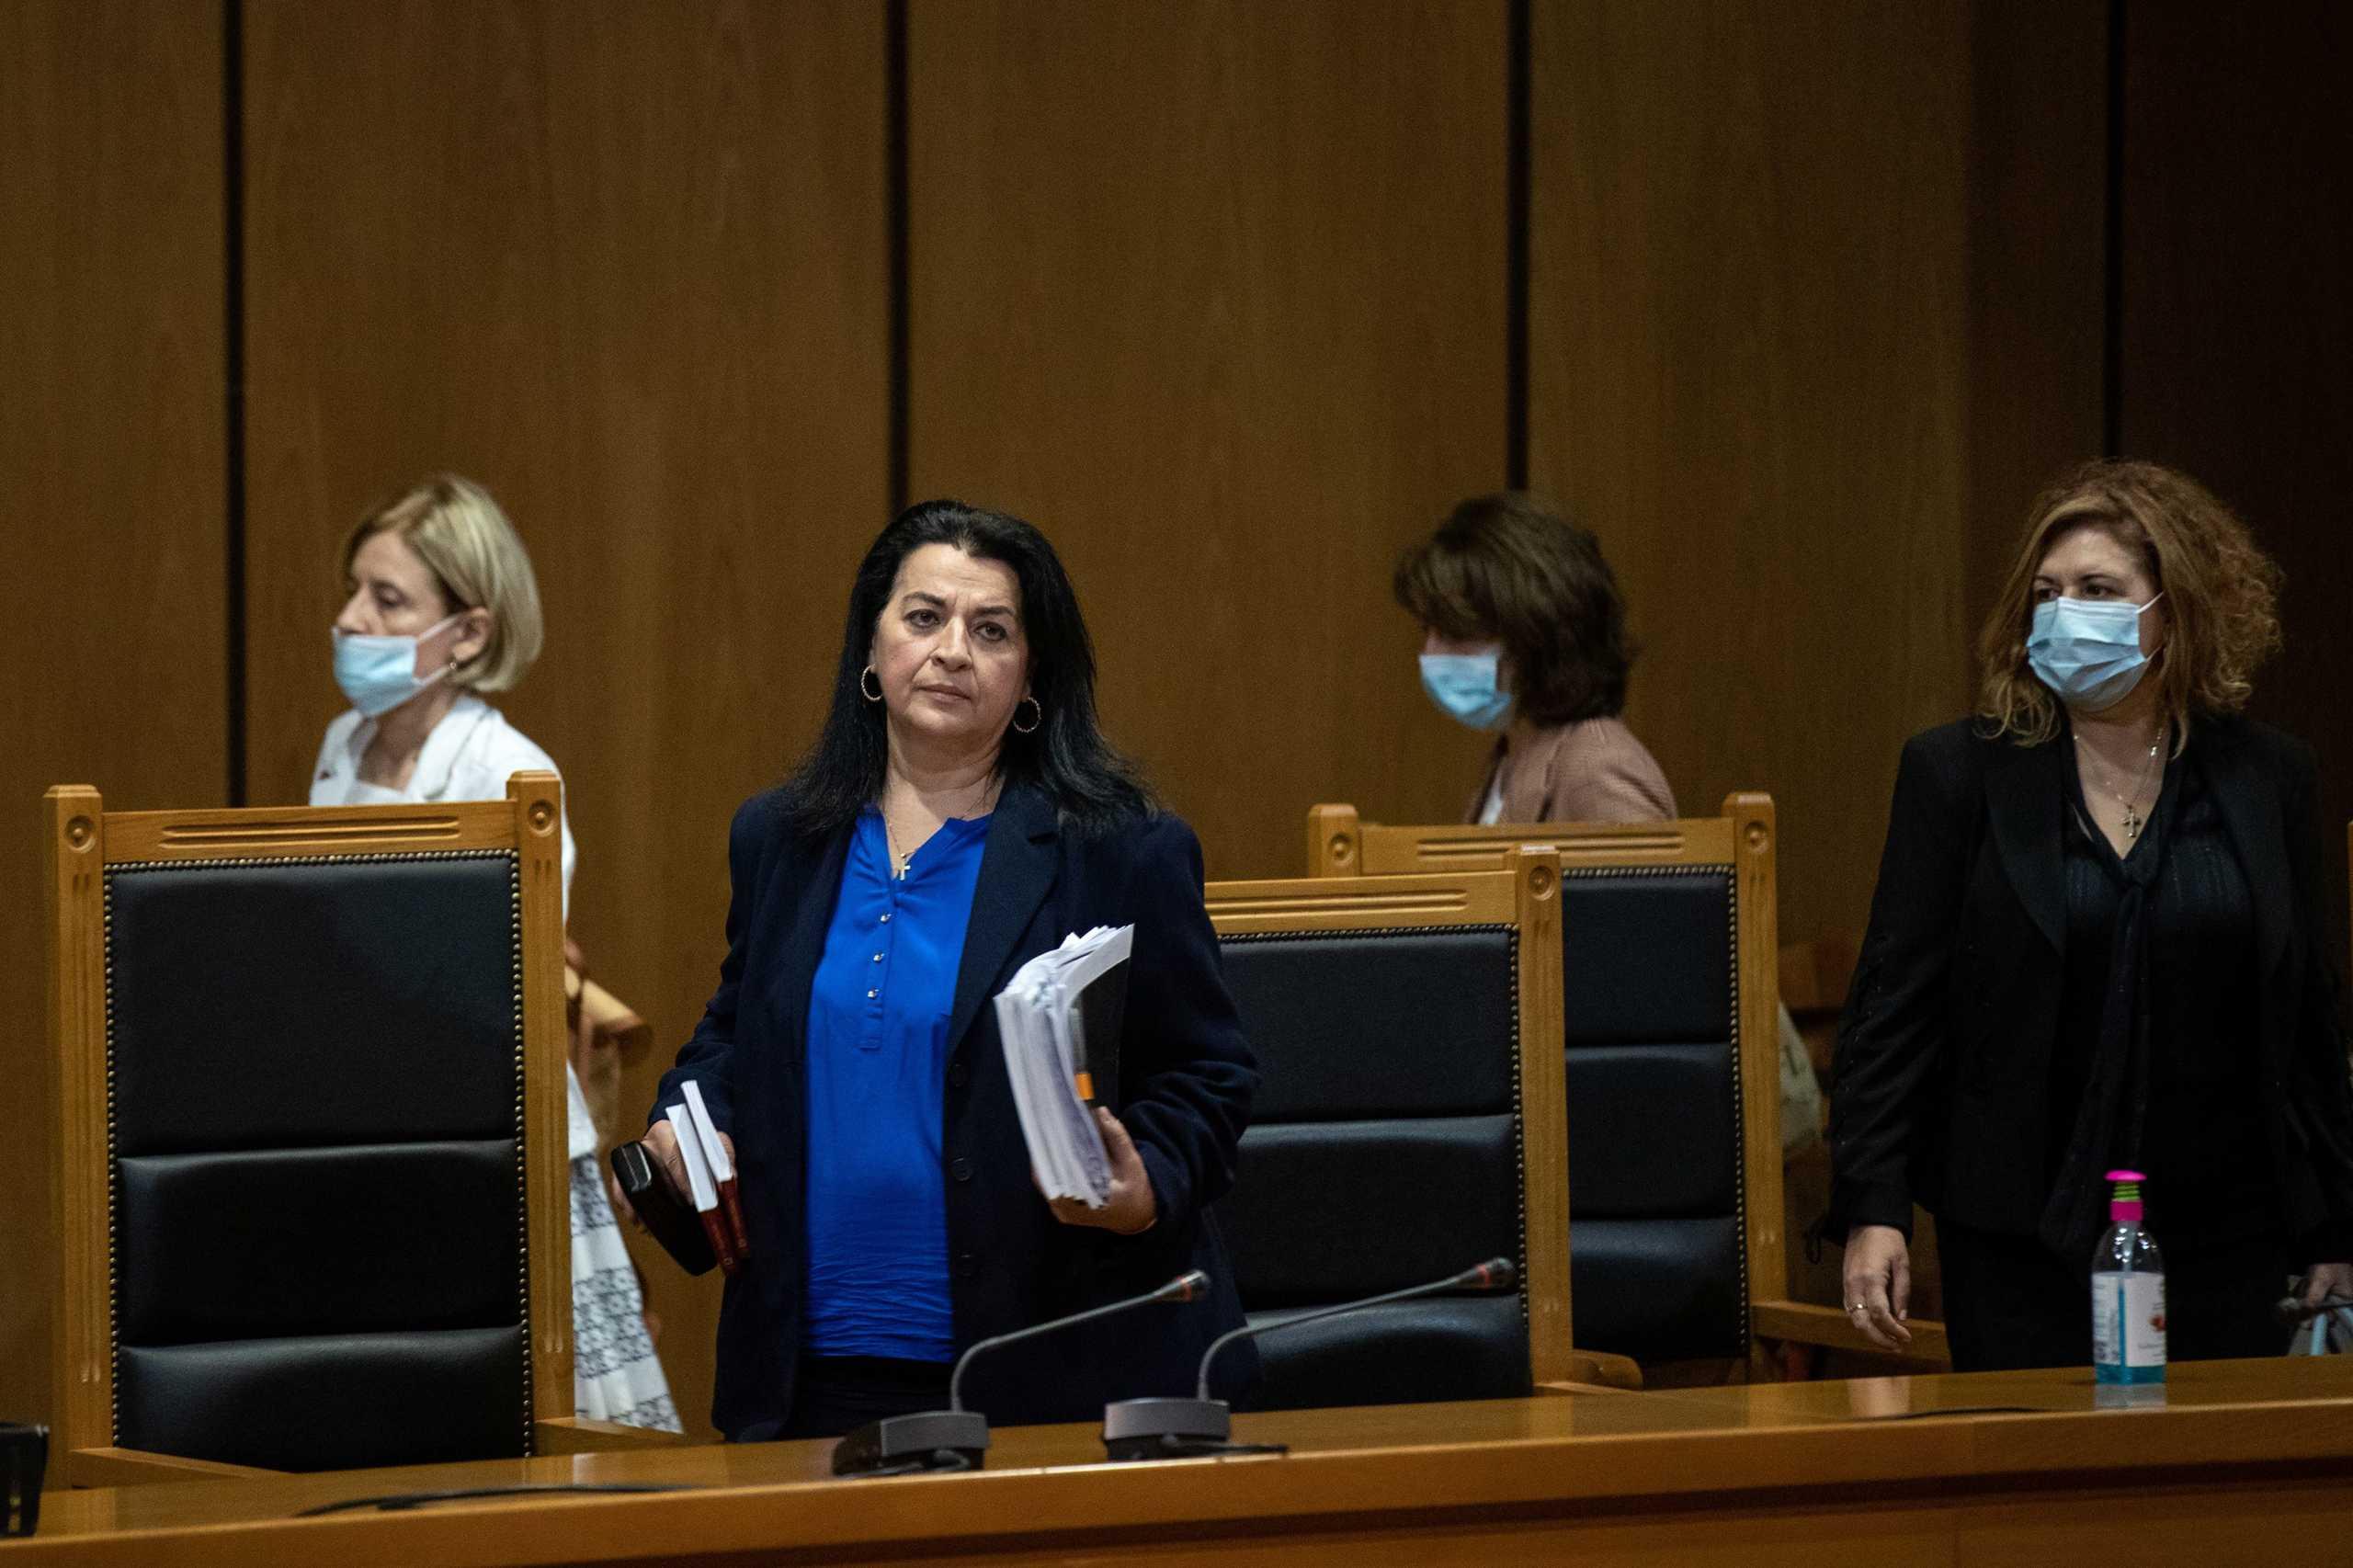 Η πρόεδρος του δικαστηρίου για τη δίκη της Χρυσής Αυγής Μαρία Λεπενιώτη